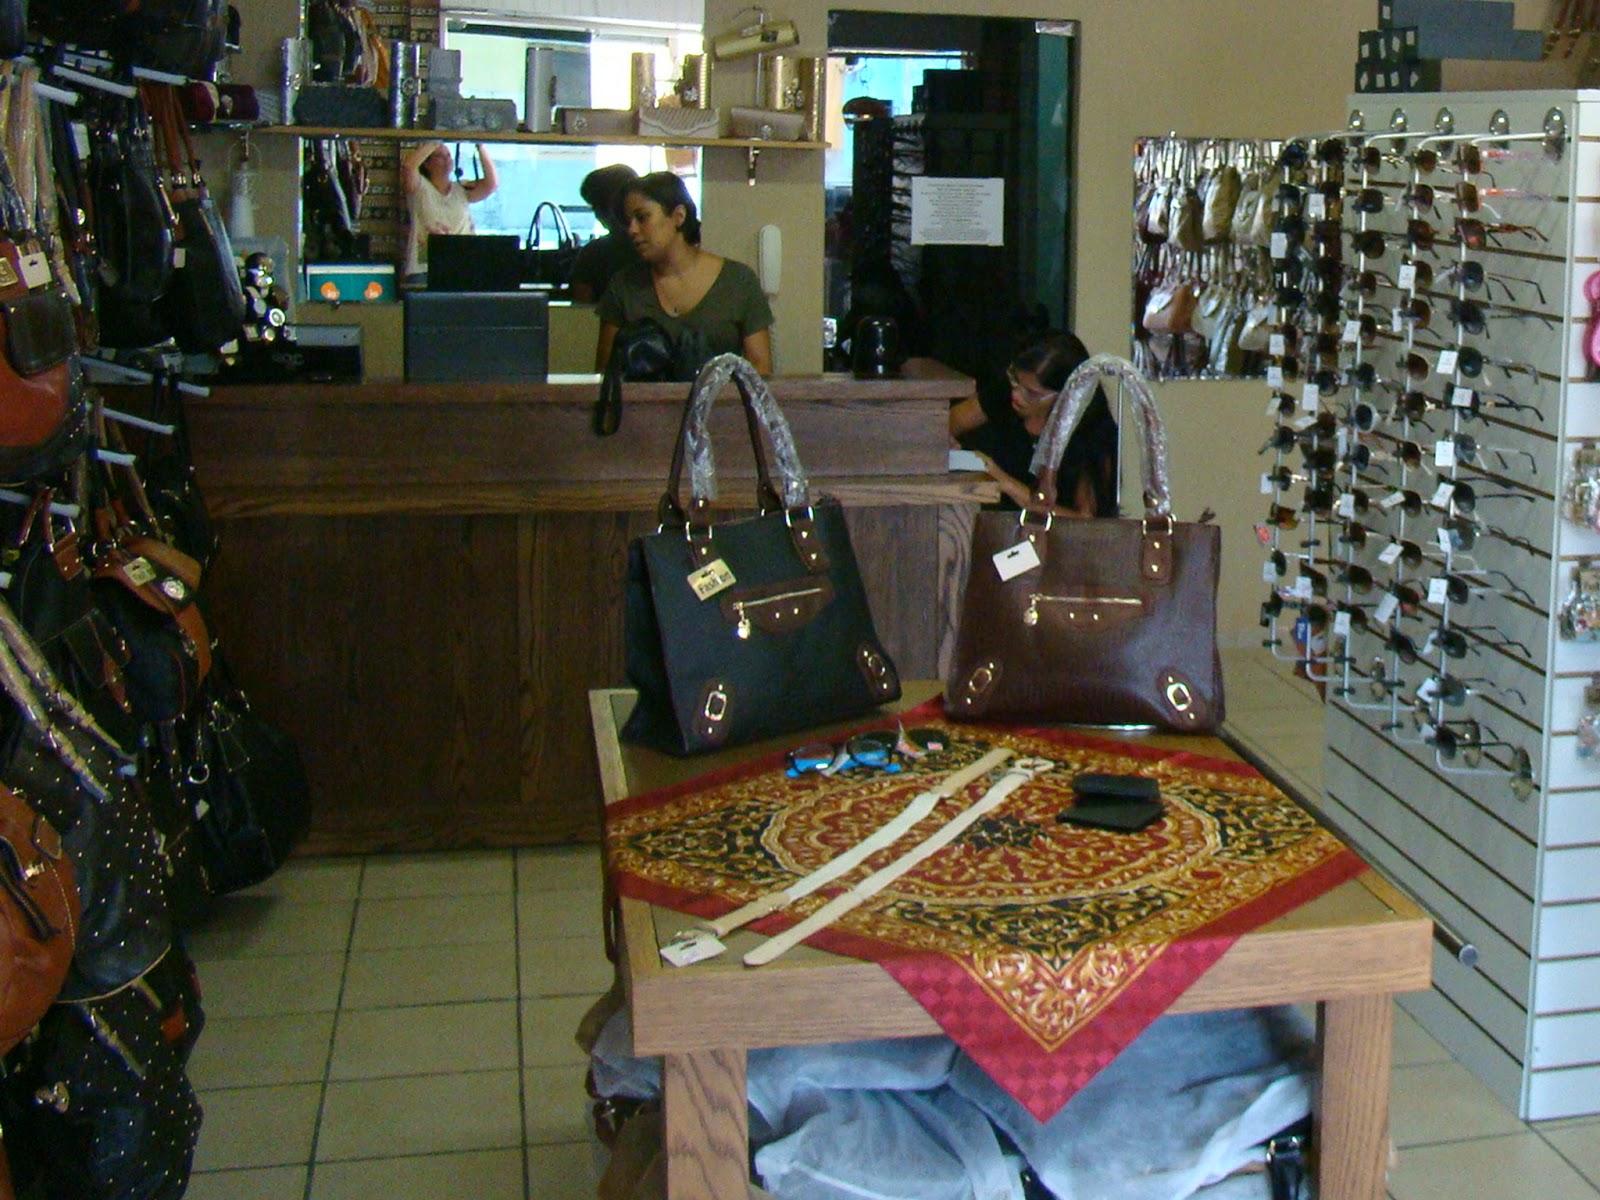 bd3af99a7 venha conhecer a mais nova loja de bolsas e acessorios femininos do rio  grande do norte tudo para vc revender e ganhar bastante, trabalhamos com  bolsas em ...